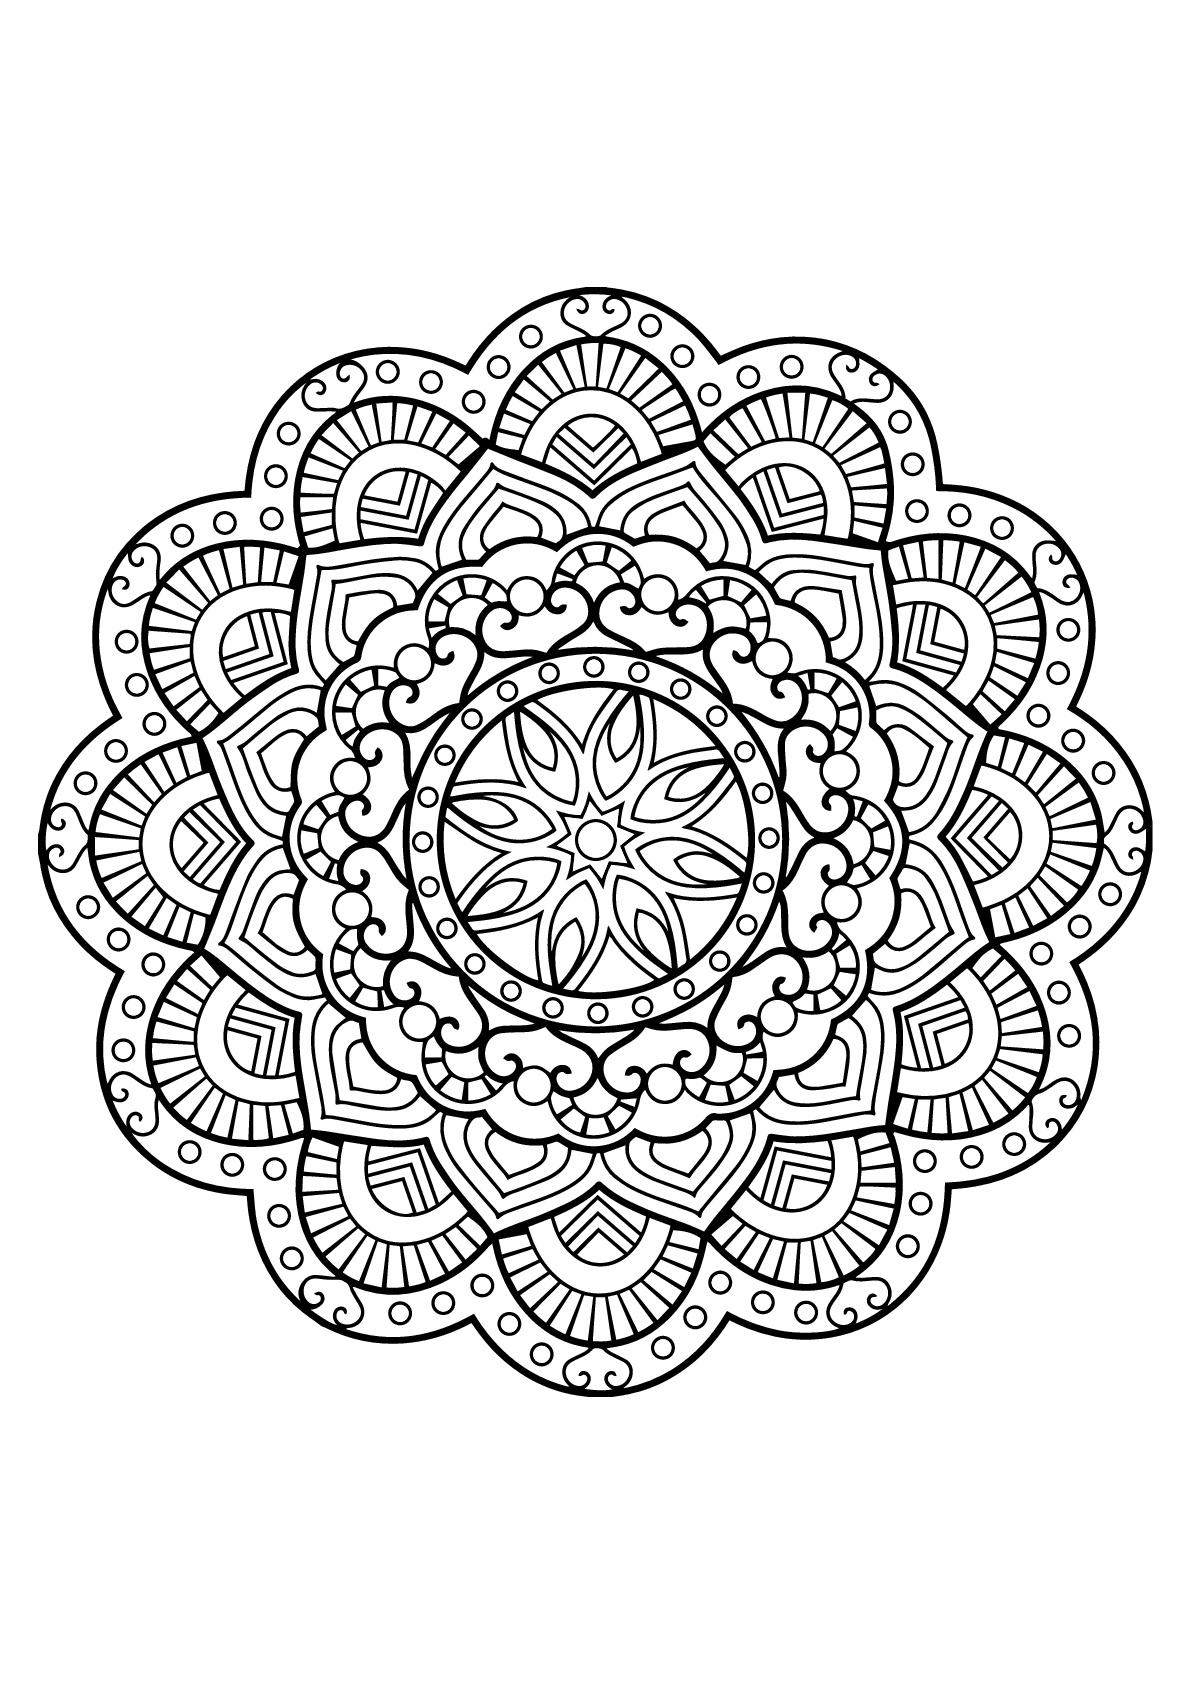 Mandala livre gratuit 26 mandalas coloriages - Coloriages adultes ...